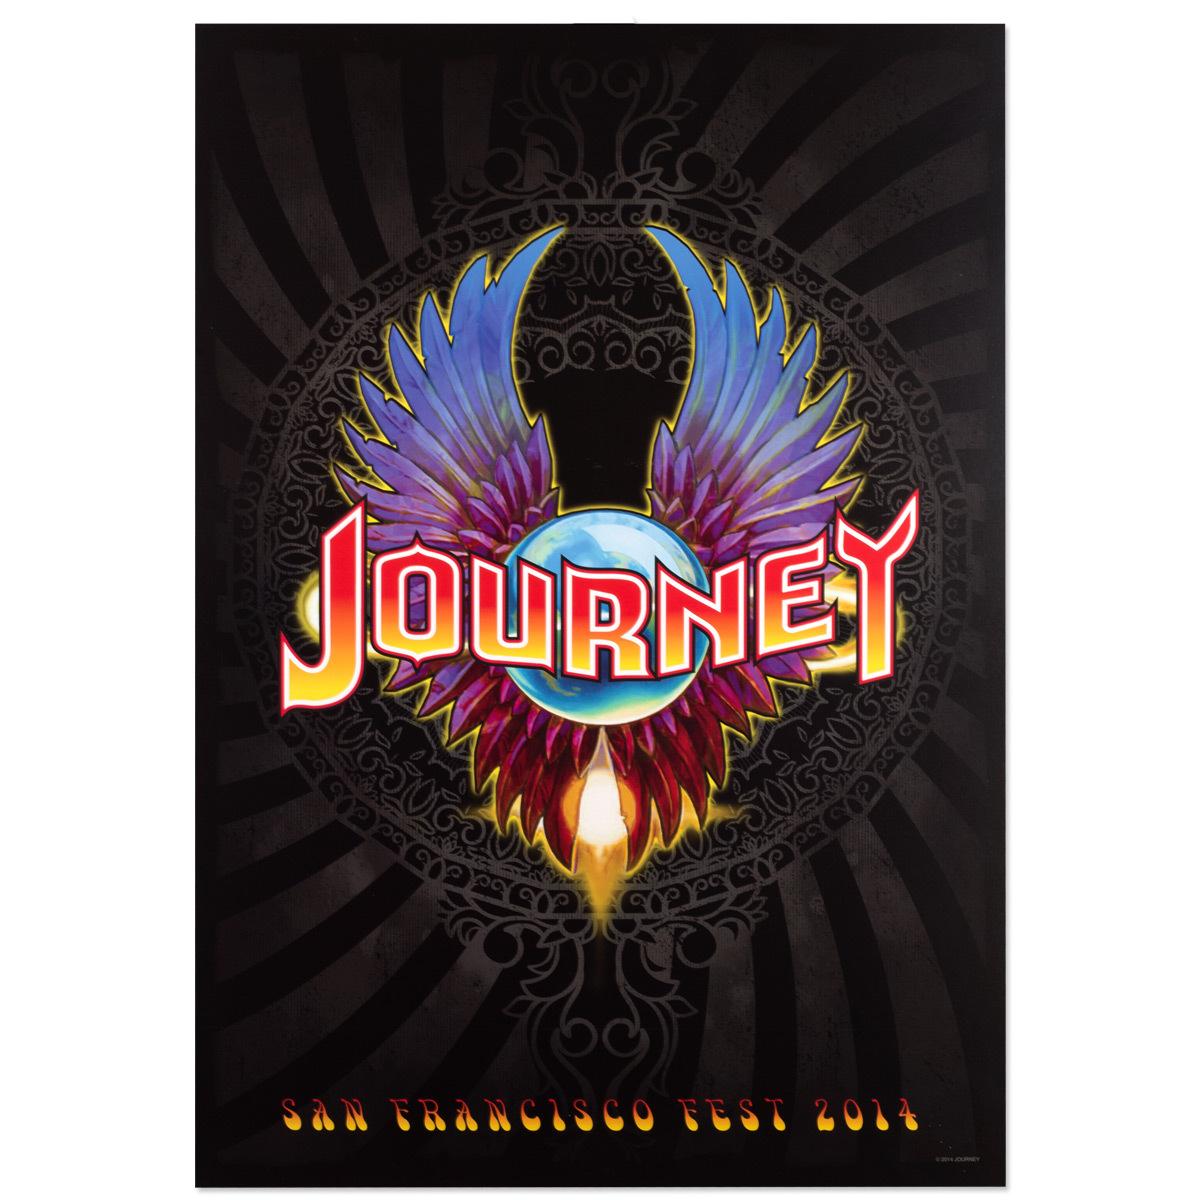 Journey Tour Dates